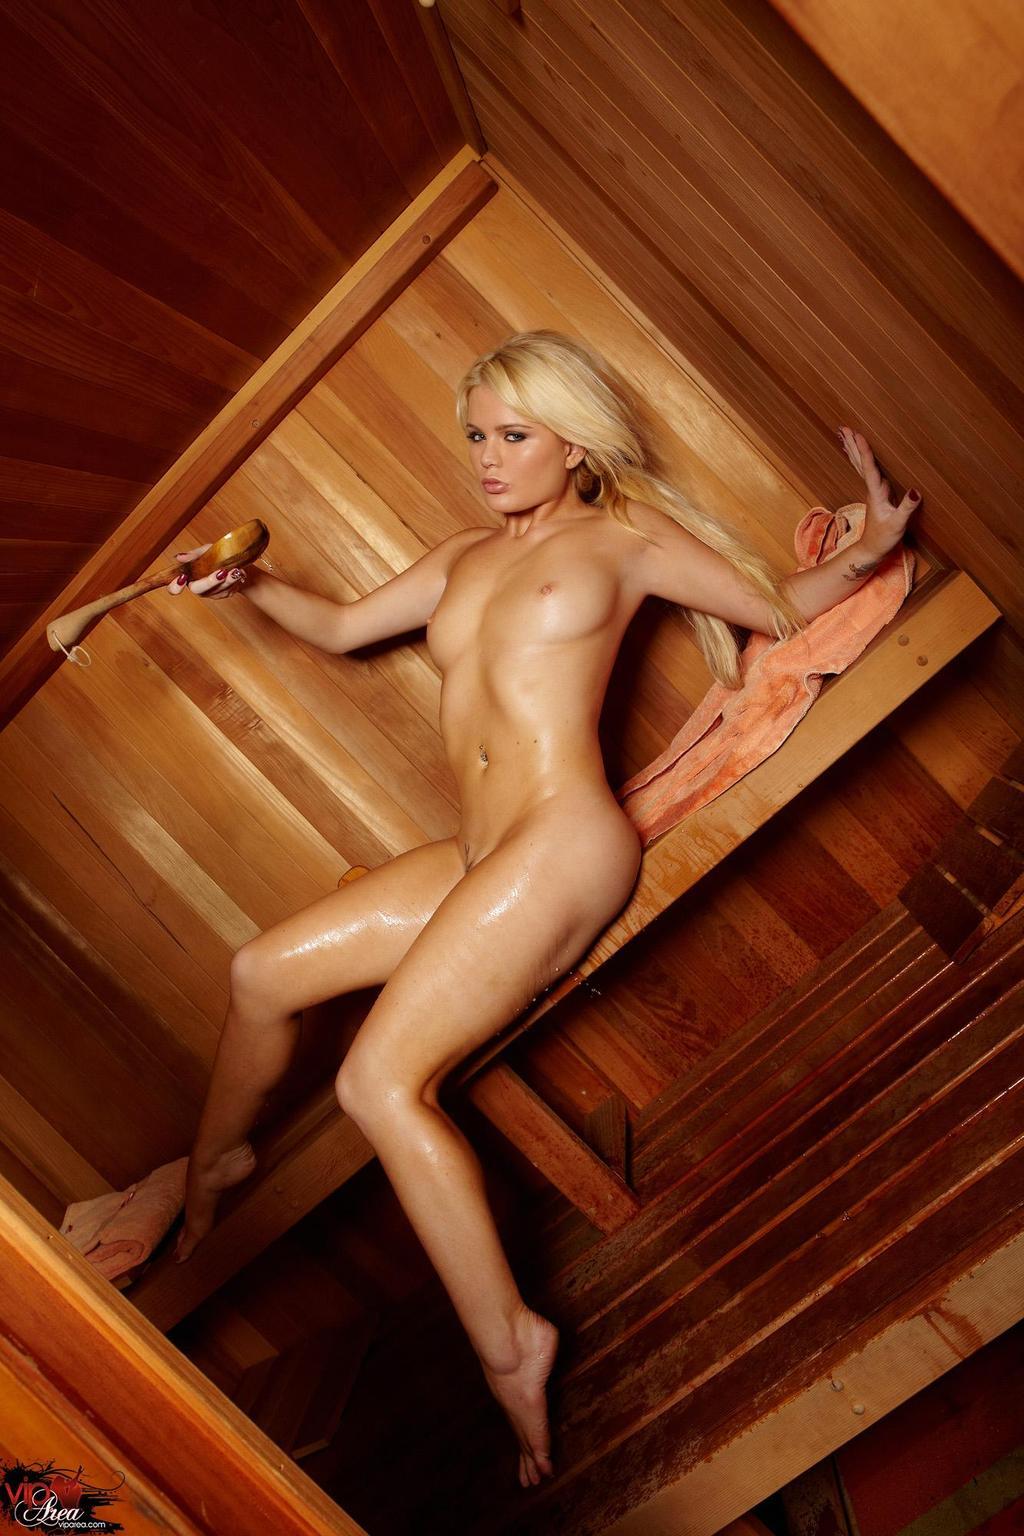 познакомились, блондинка в бане фото крупным планом парам